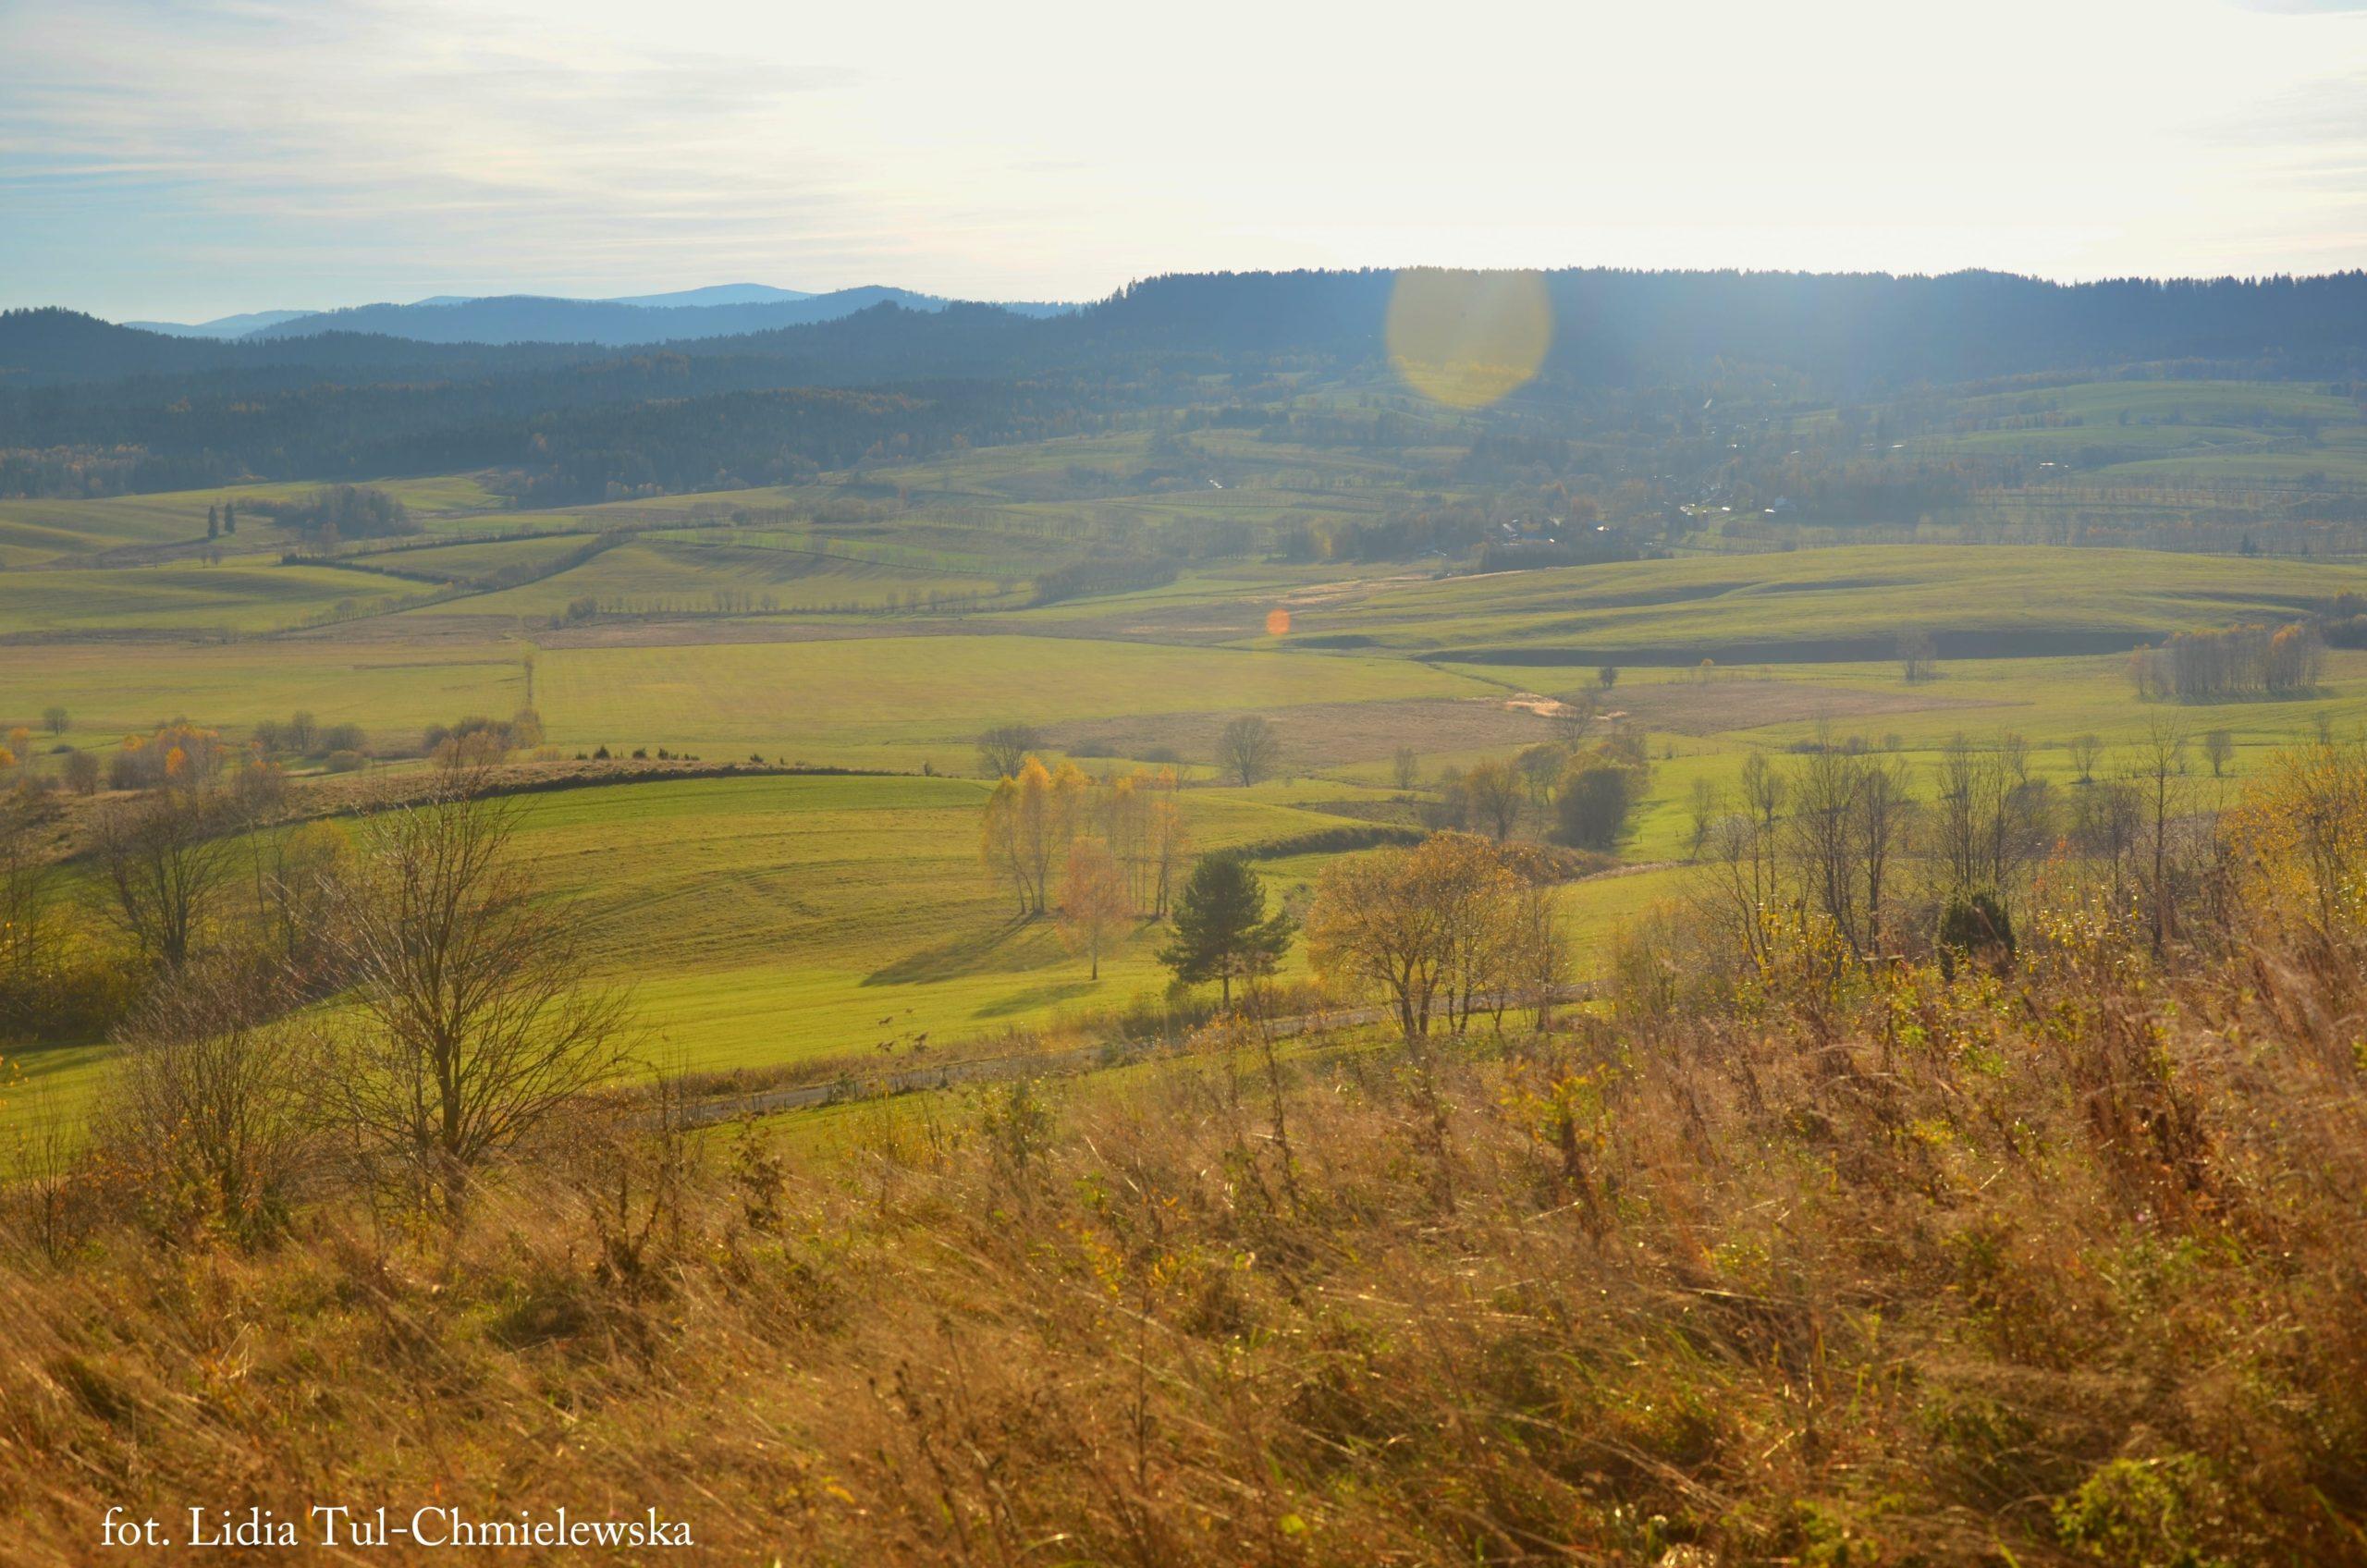 Kraina Lipecka listopad fot. Lidia Tul-Chmielewska